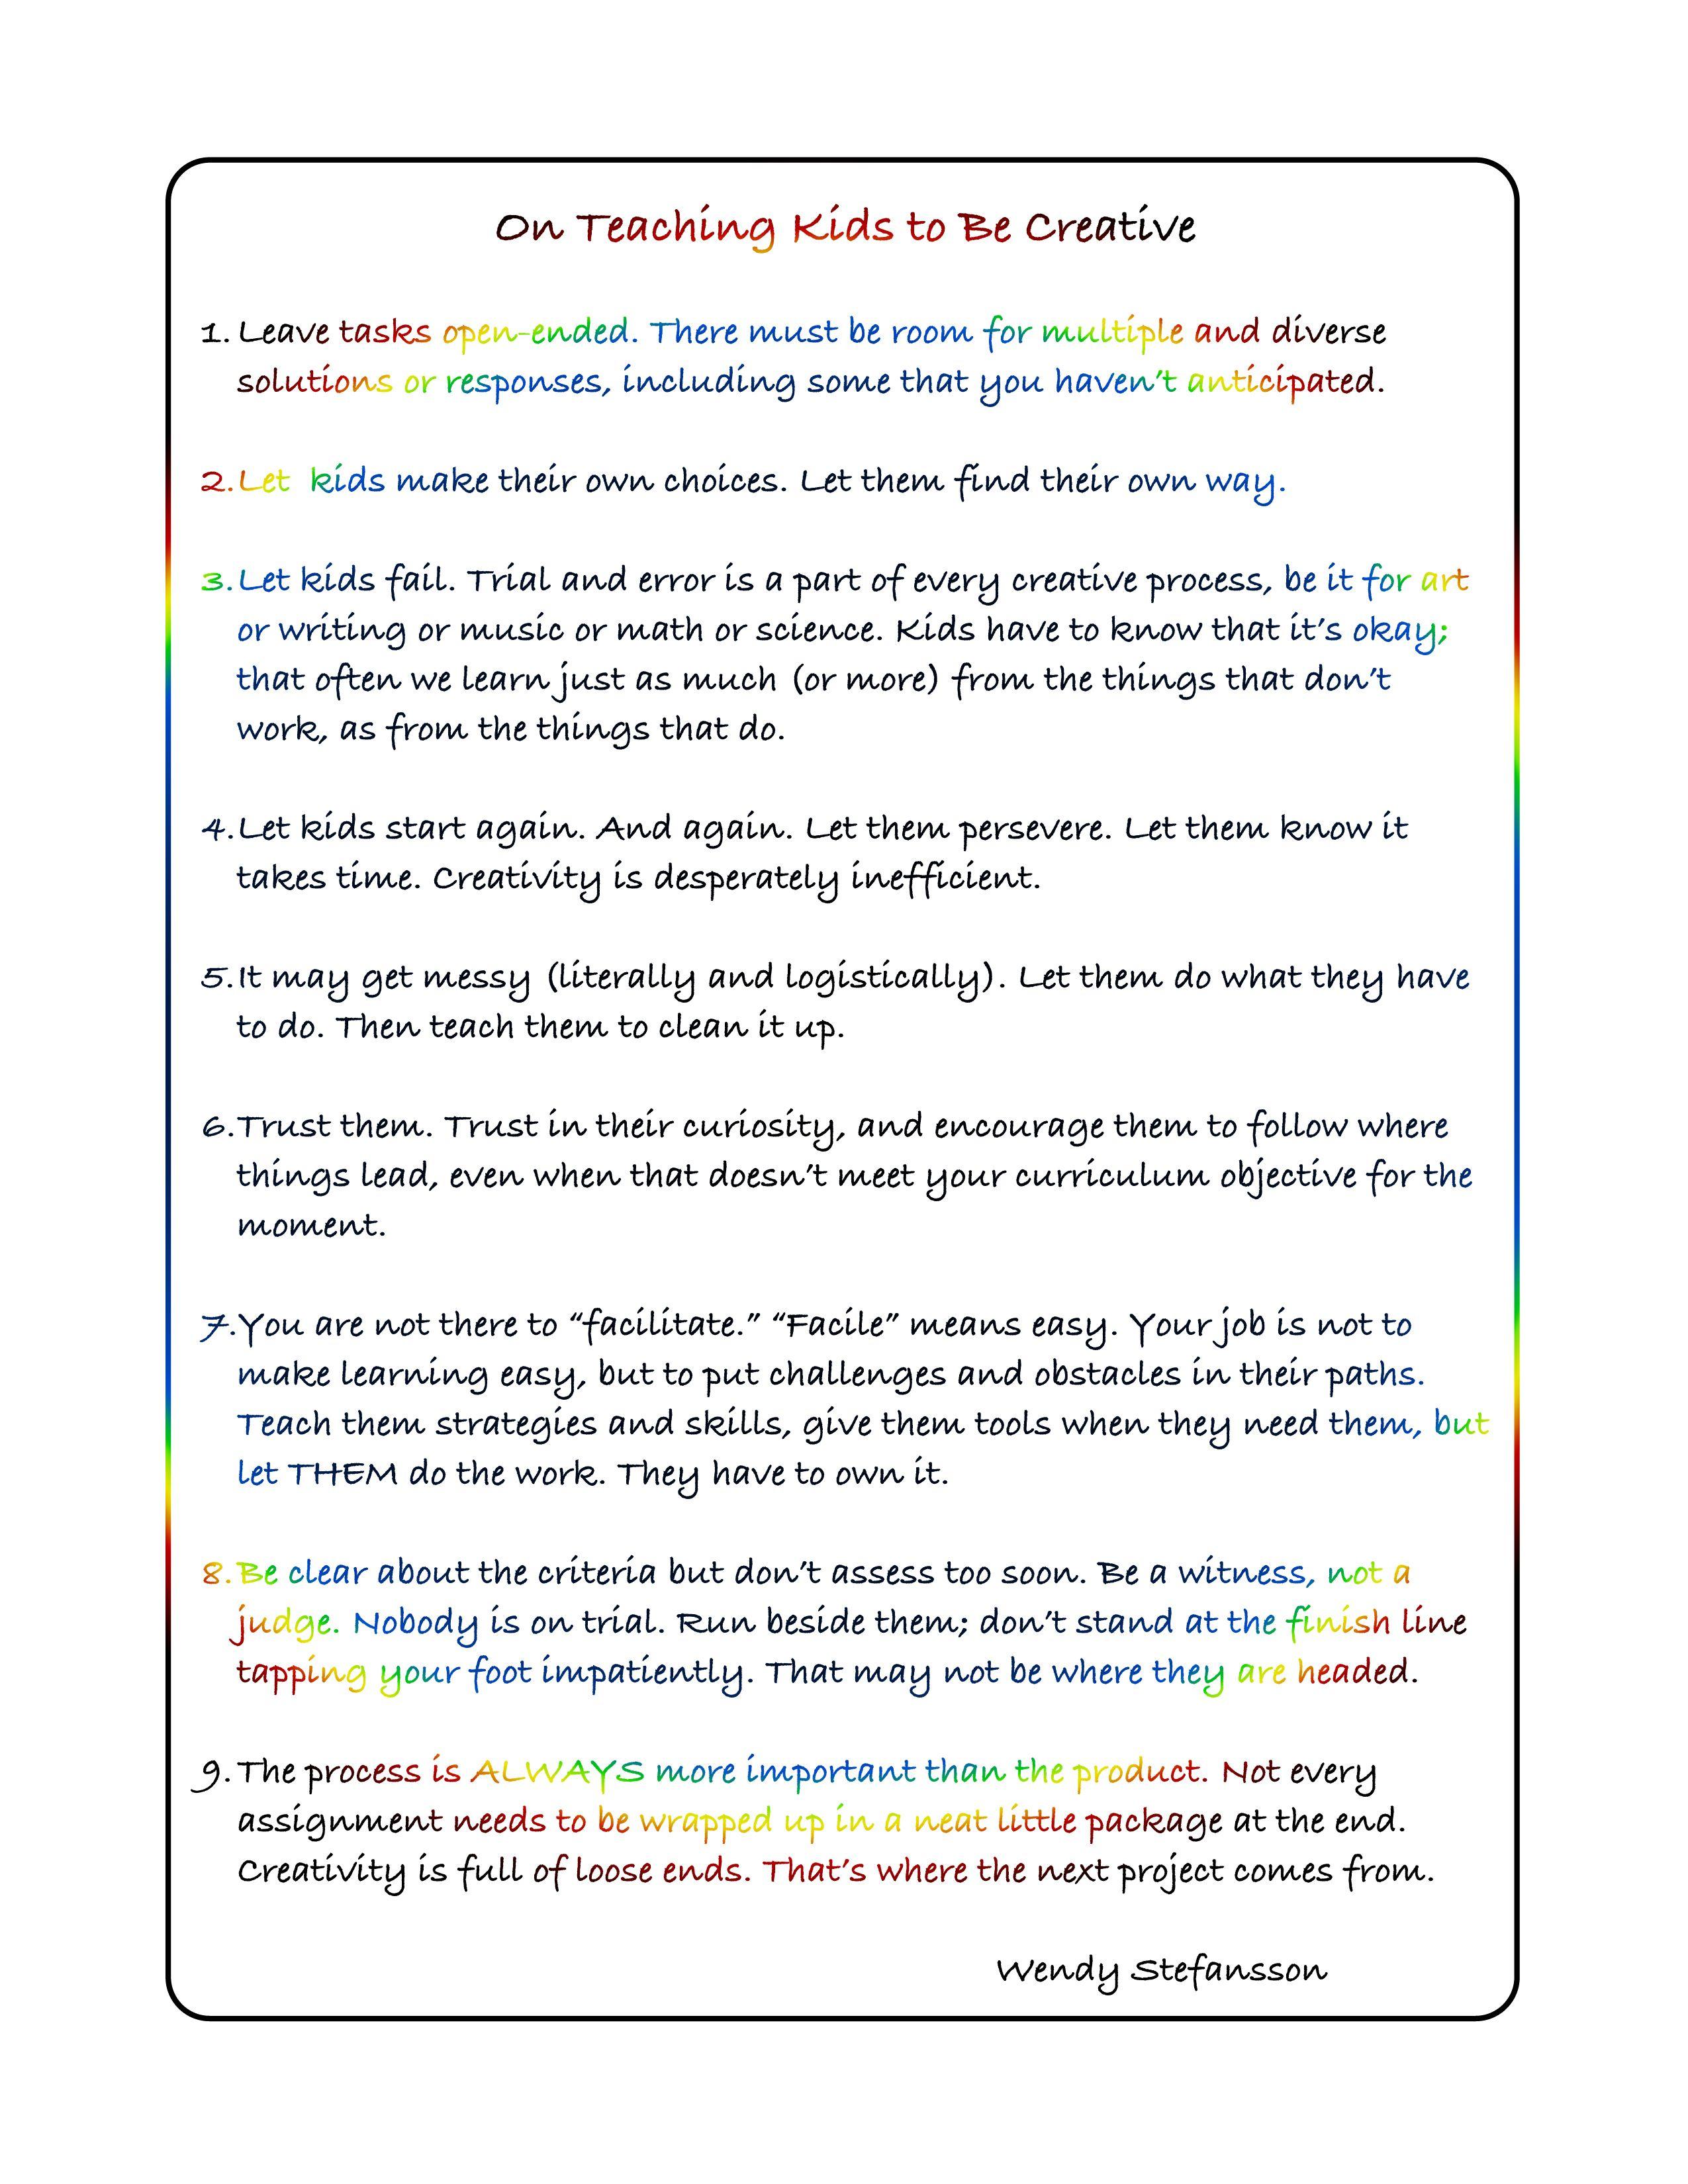 Love Love Varsity Slouchy Hoodie Deal 20 Off Teaching Philosophy Teaching Teaching Philosophy Examples